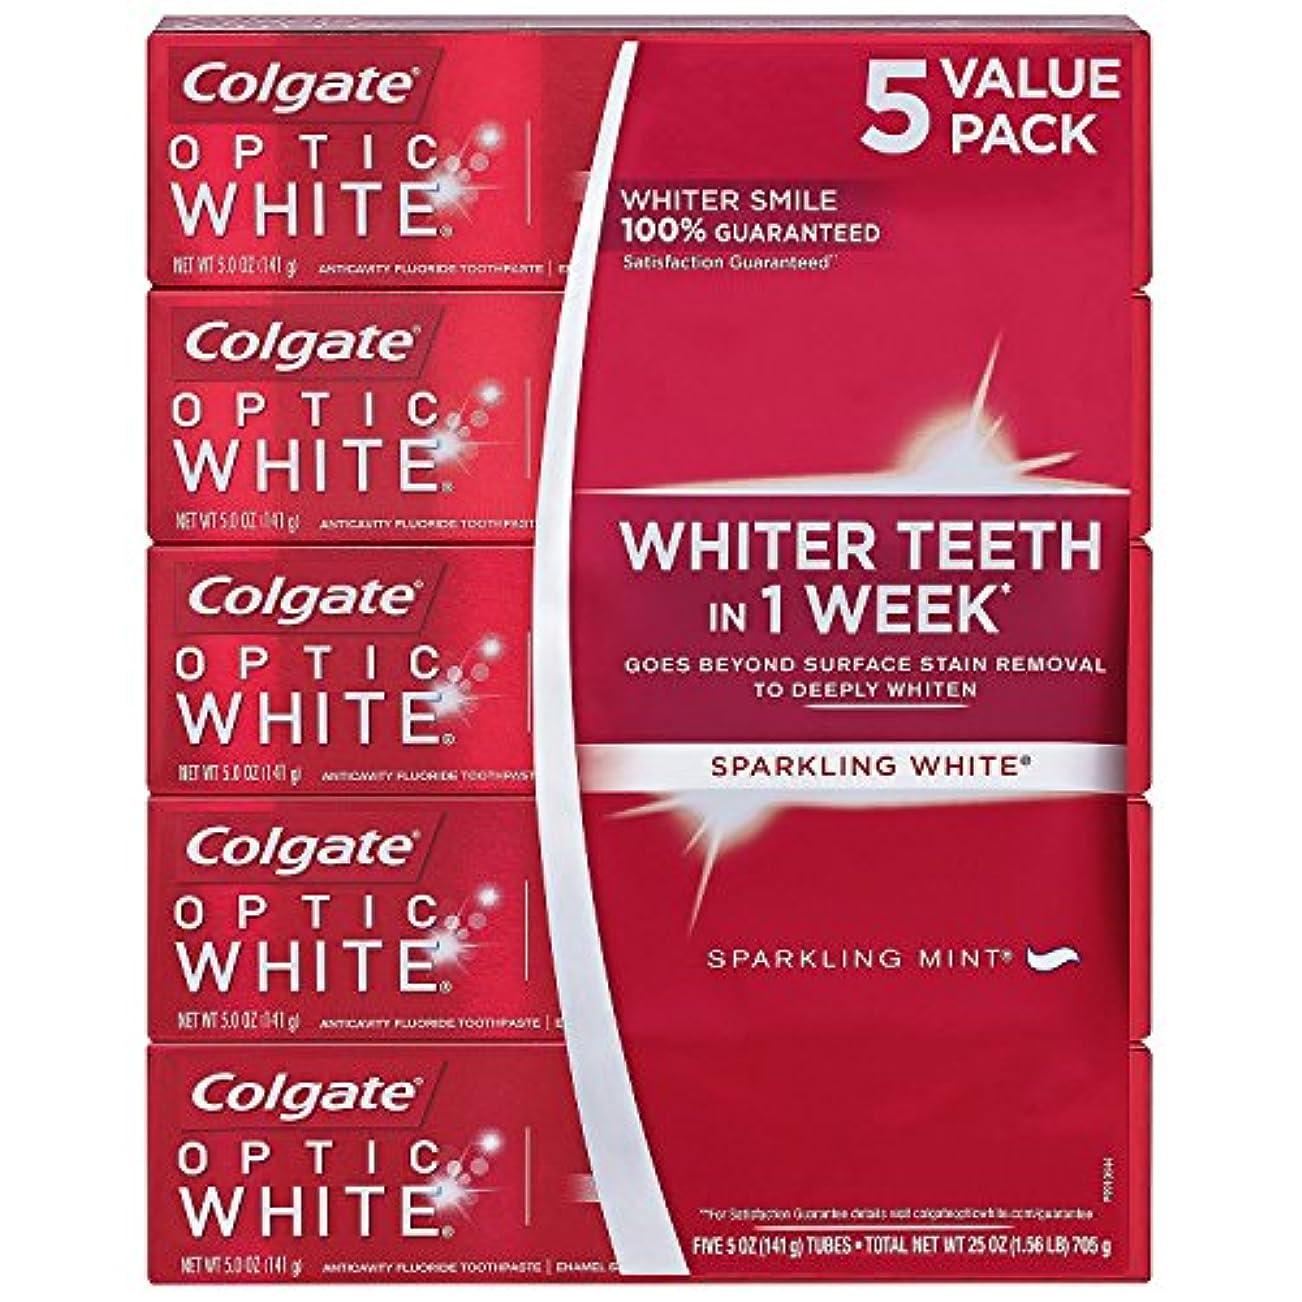 関与する既にオンス海外直送品 Colgate Optic White コルゲート オプティック ホワイト スパークリングミント141g ×5本 [Pack of 5]